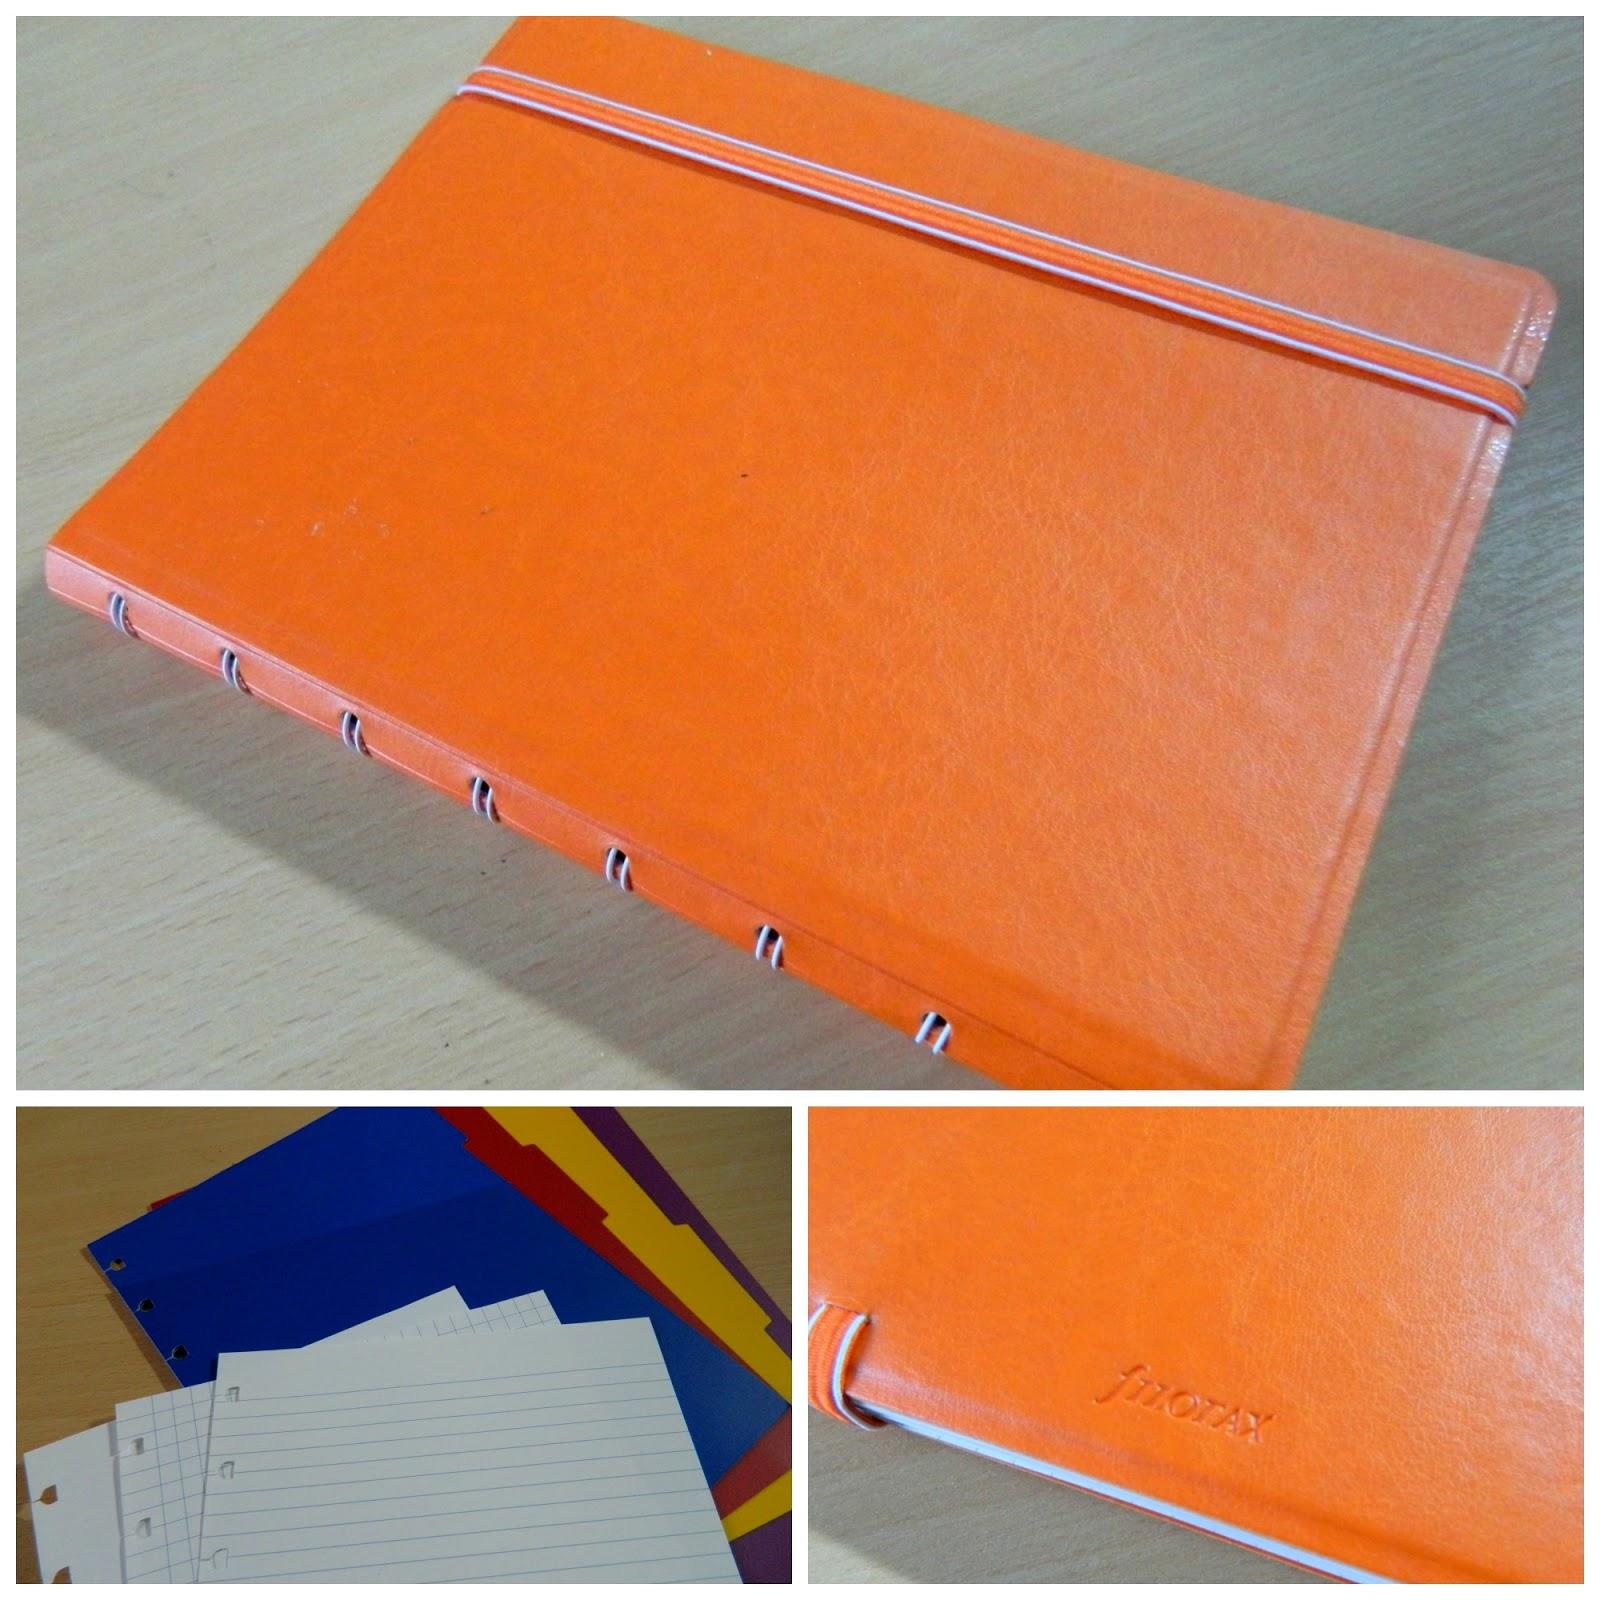 Filofax Refillable Notebook in orange, collage,